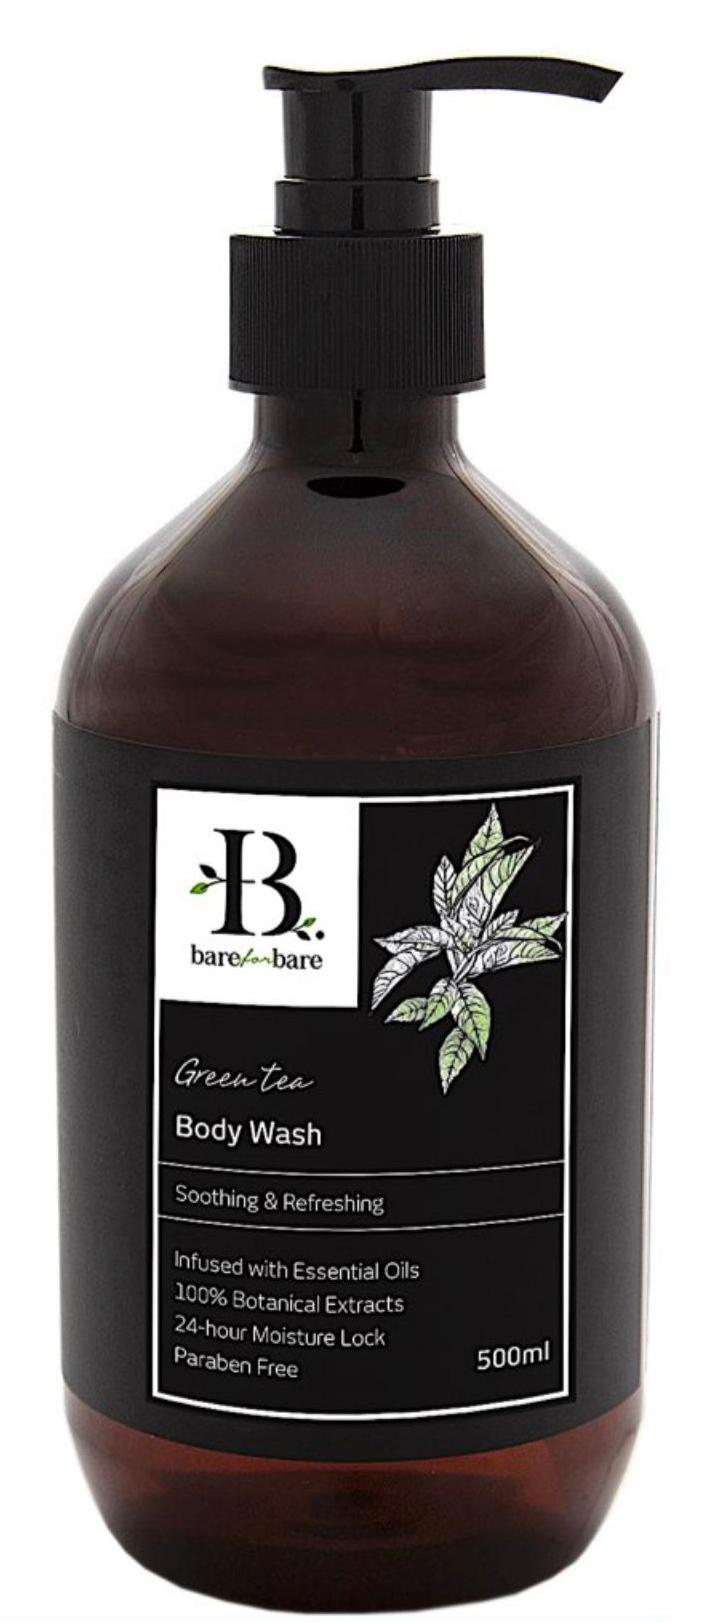 [MPLUS] BARE FOR BARE Body Wash Green Tea 500ml